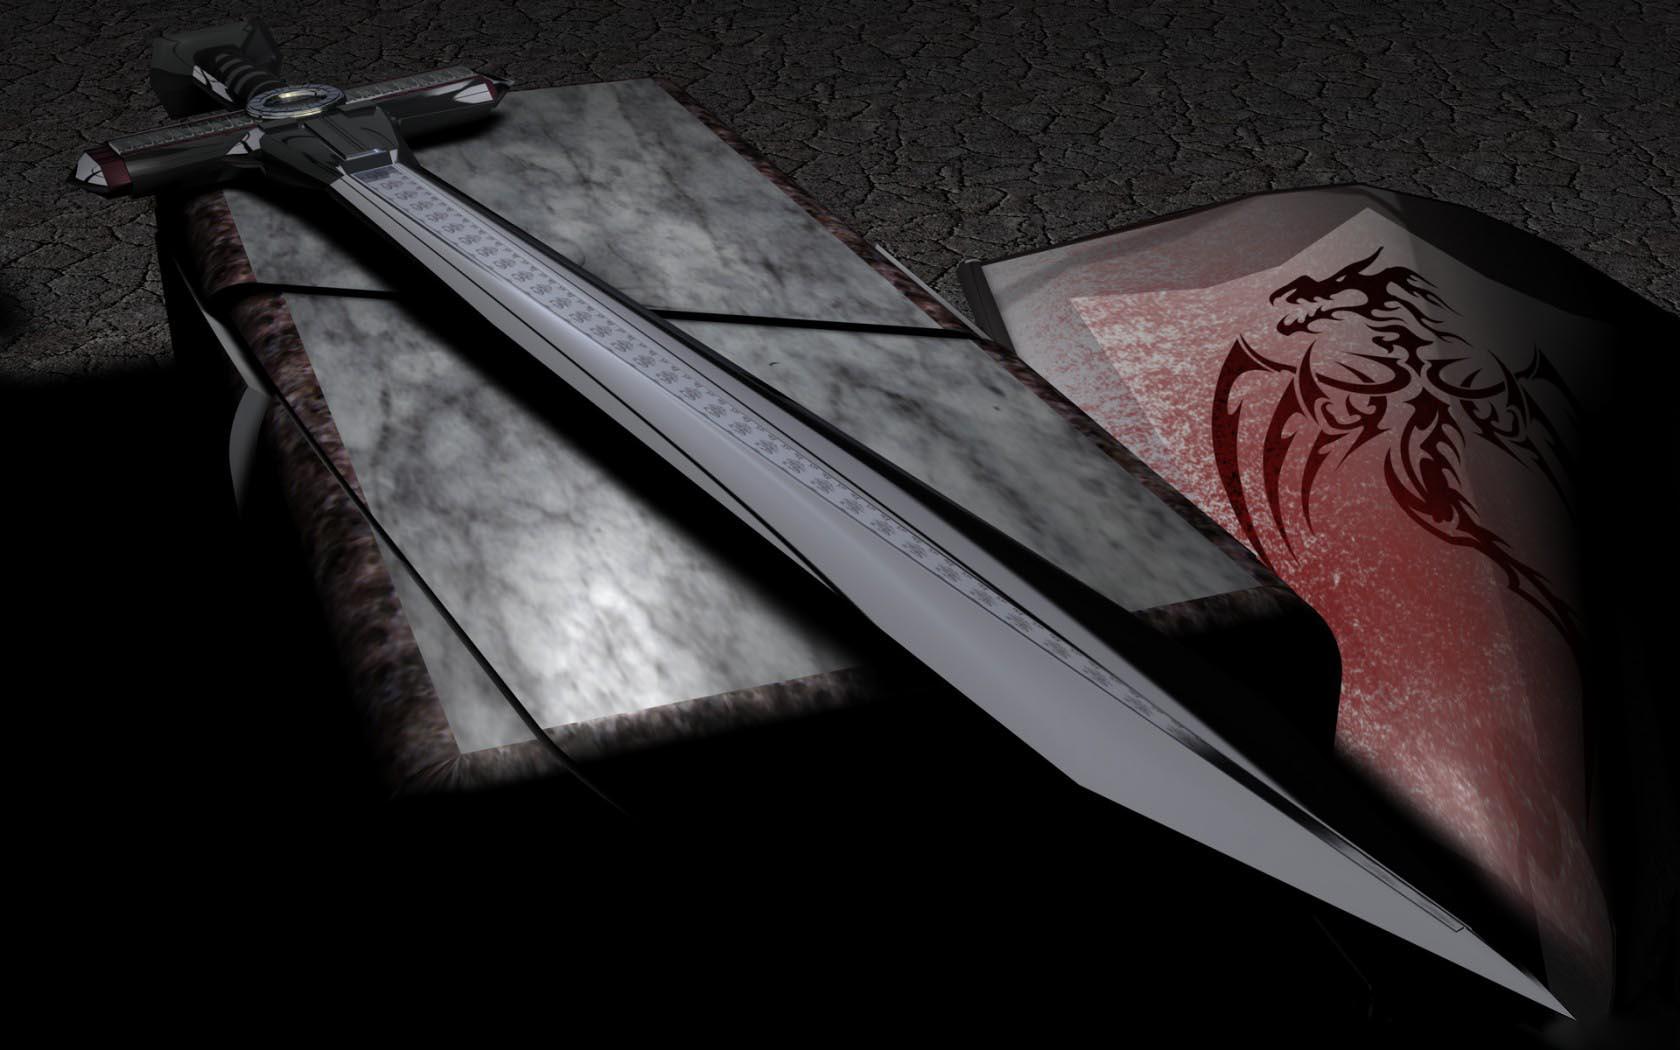 48 Cool Sword Wallpapers On Wallpapersafari